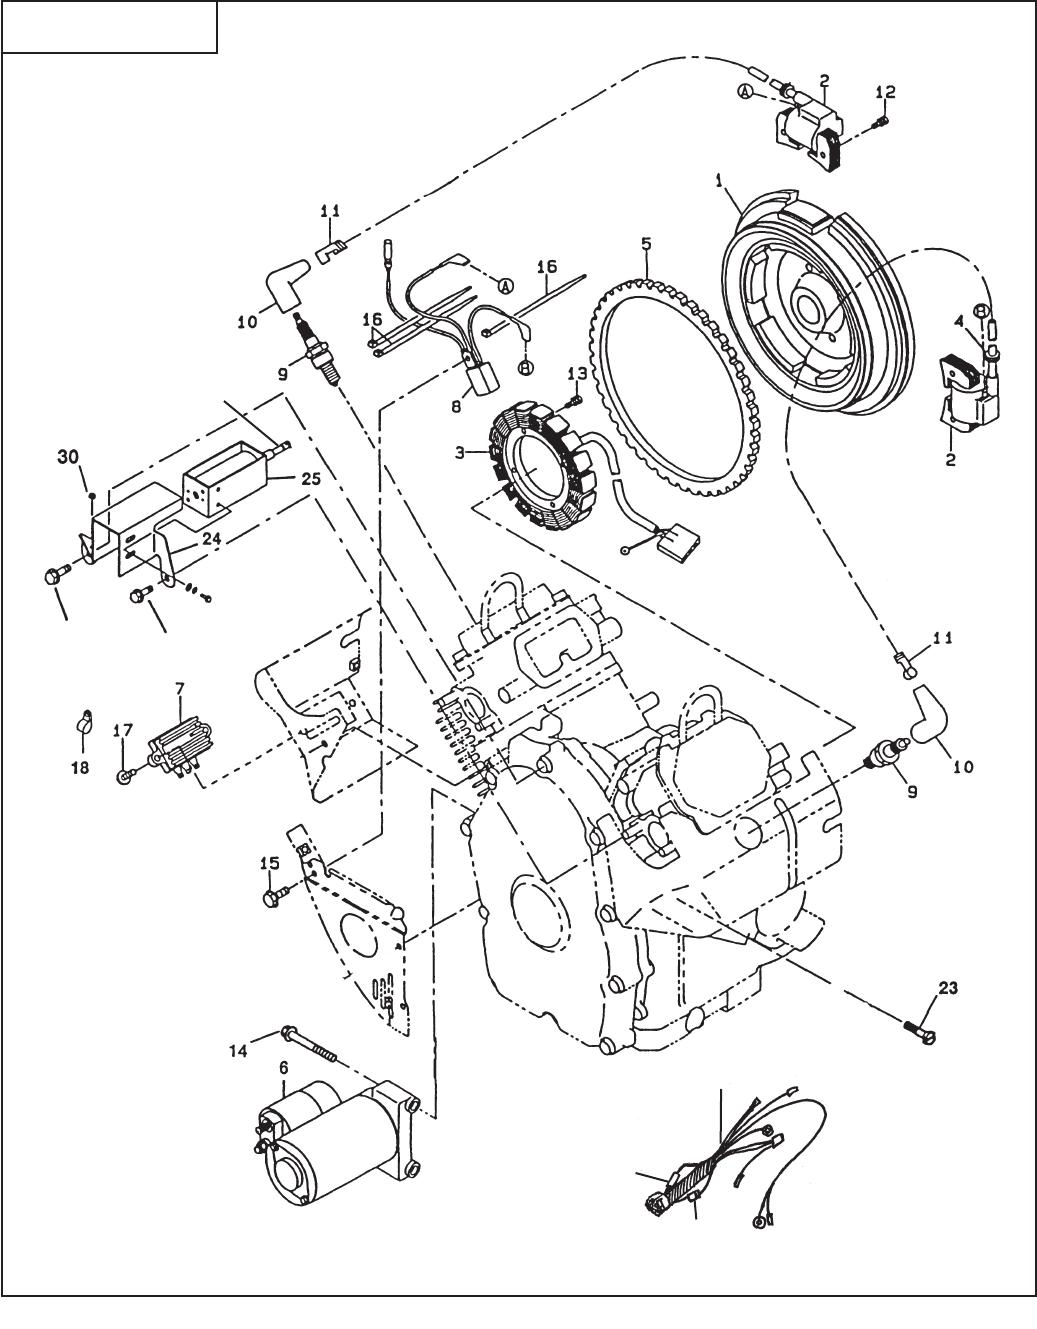 ohv220 miller w fe rev 0905 eh64 welder parts manual Miller Welder Parts List eh64